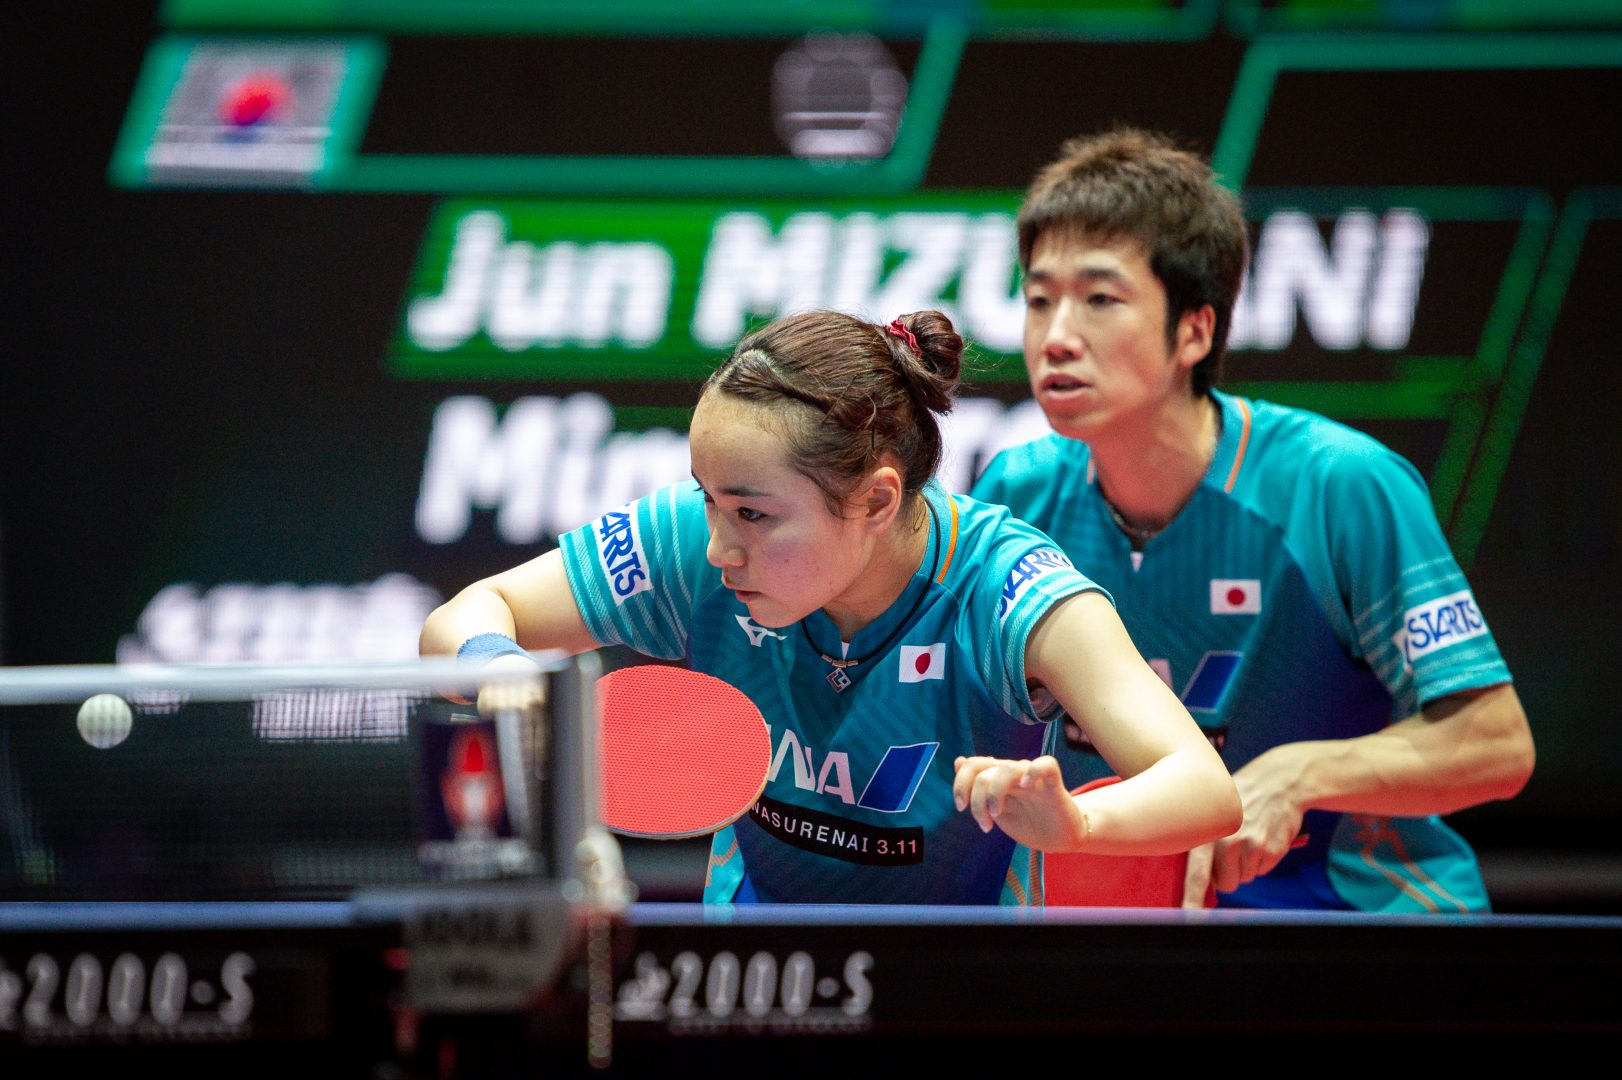 水谷/伊藤、15分で完勝 準決勝へ<卓球・スウェーデンオープン 混合複>